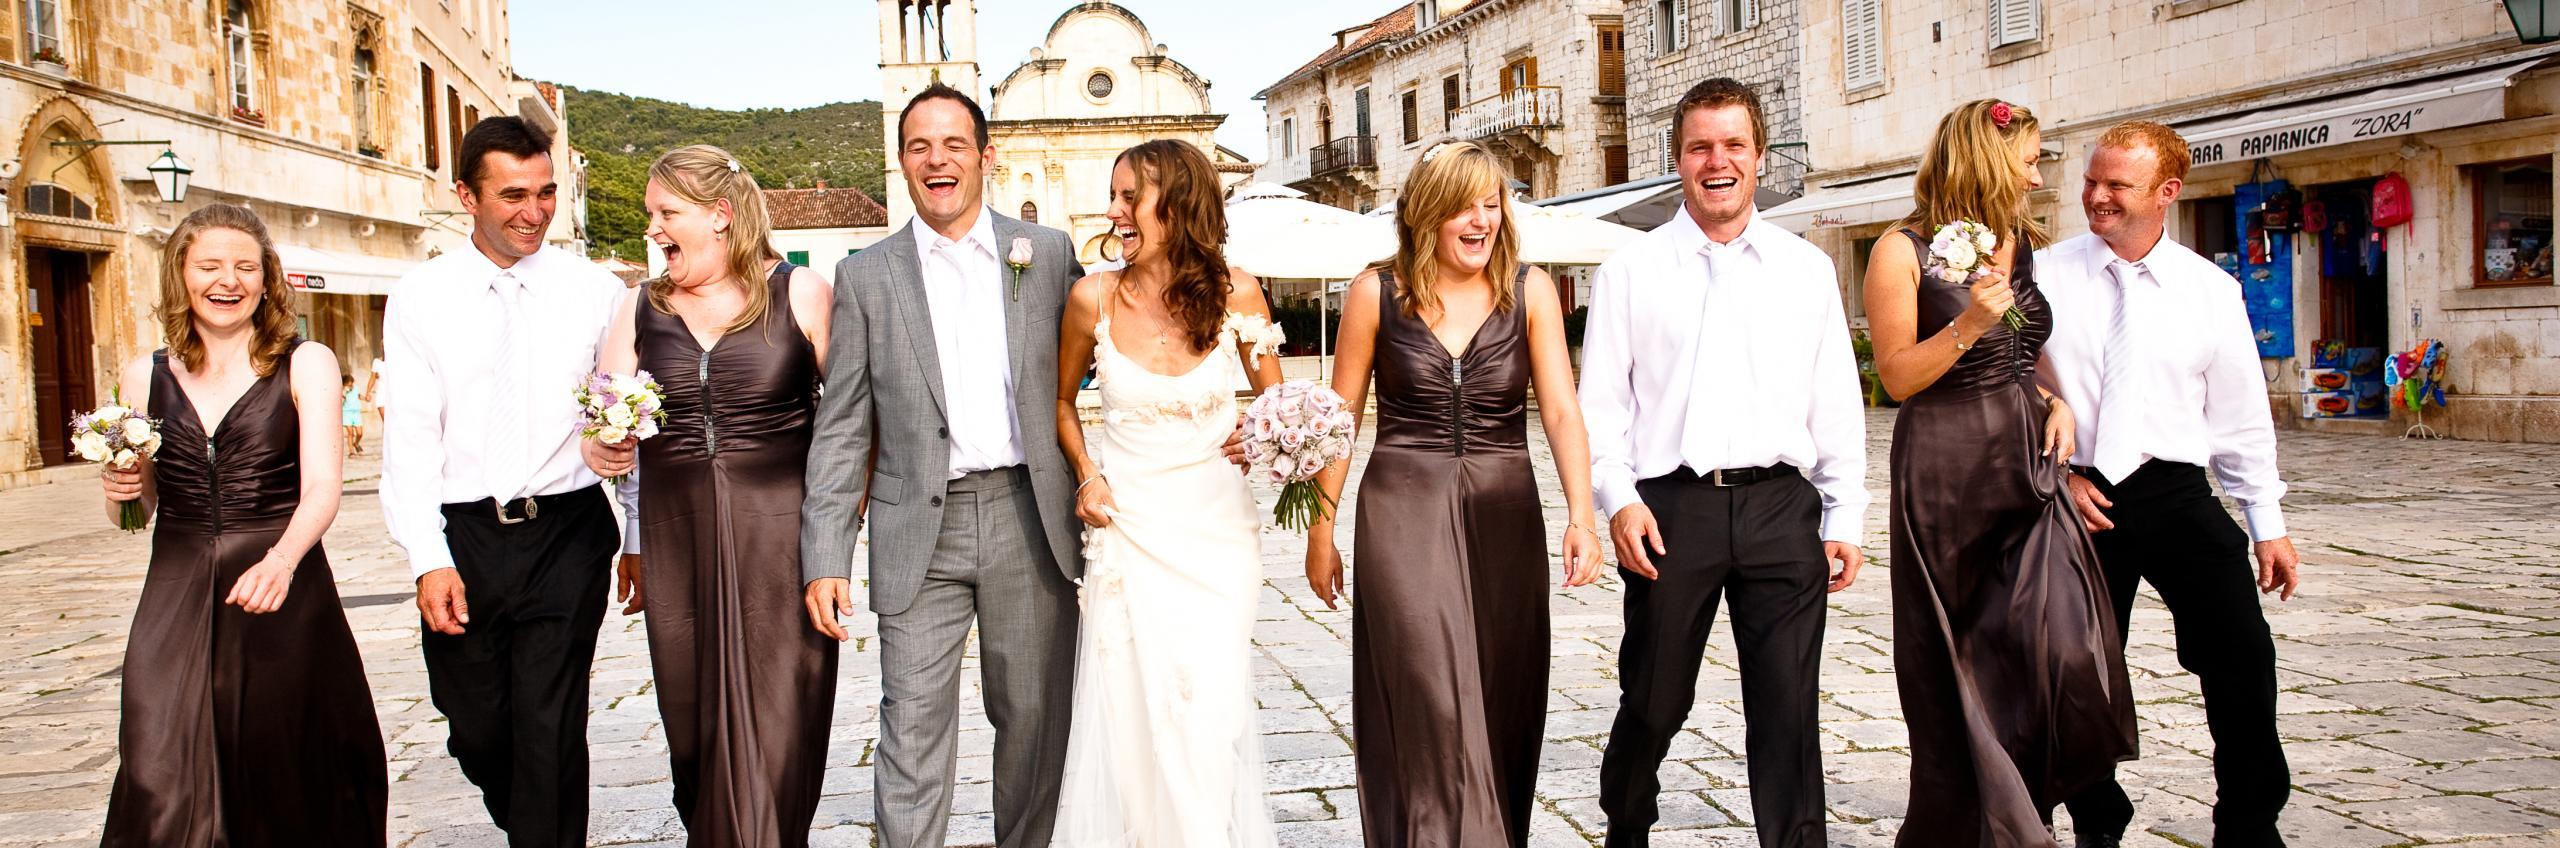 Destination wedding: Hvar